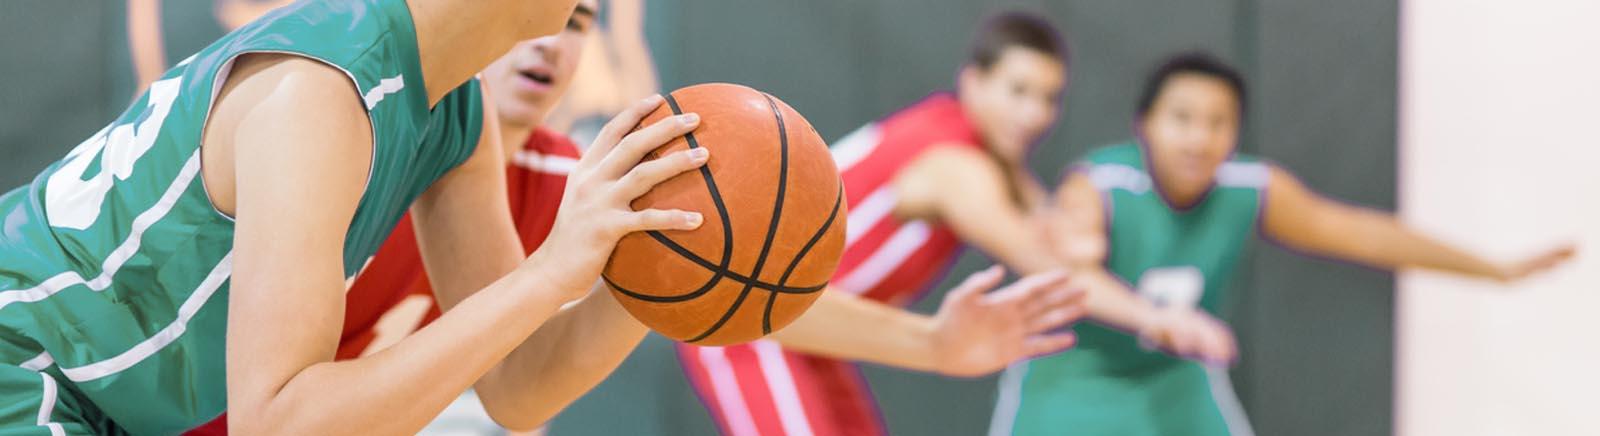 Basketball post image